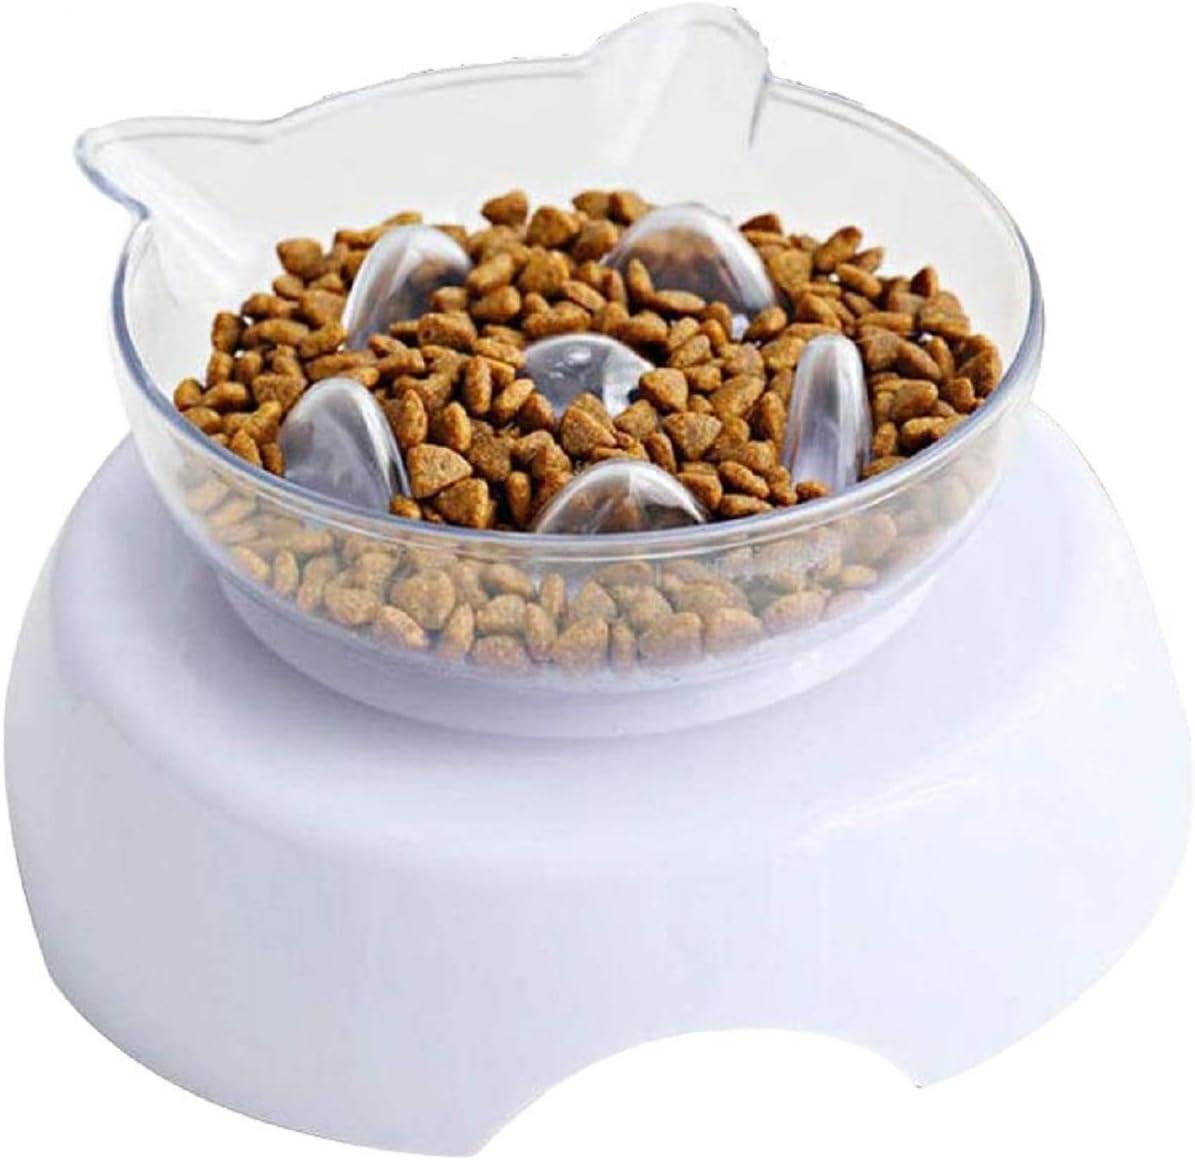 Toulifly Comedero Gato,Cuenco Gato,Cat Bowl,Dog Bowl,Tazón para Perro,Tazón para Mascotas,para Gatos y Perros,Inclinado a 15°,Transparente,con Soporte Elevado y Diseño Antideslizante